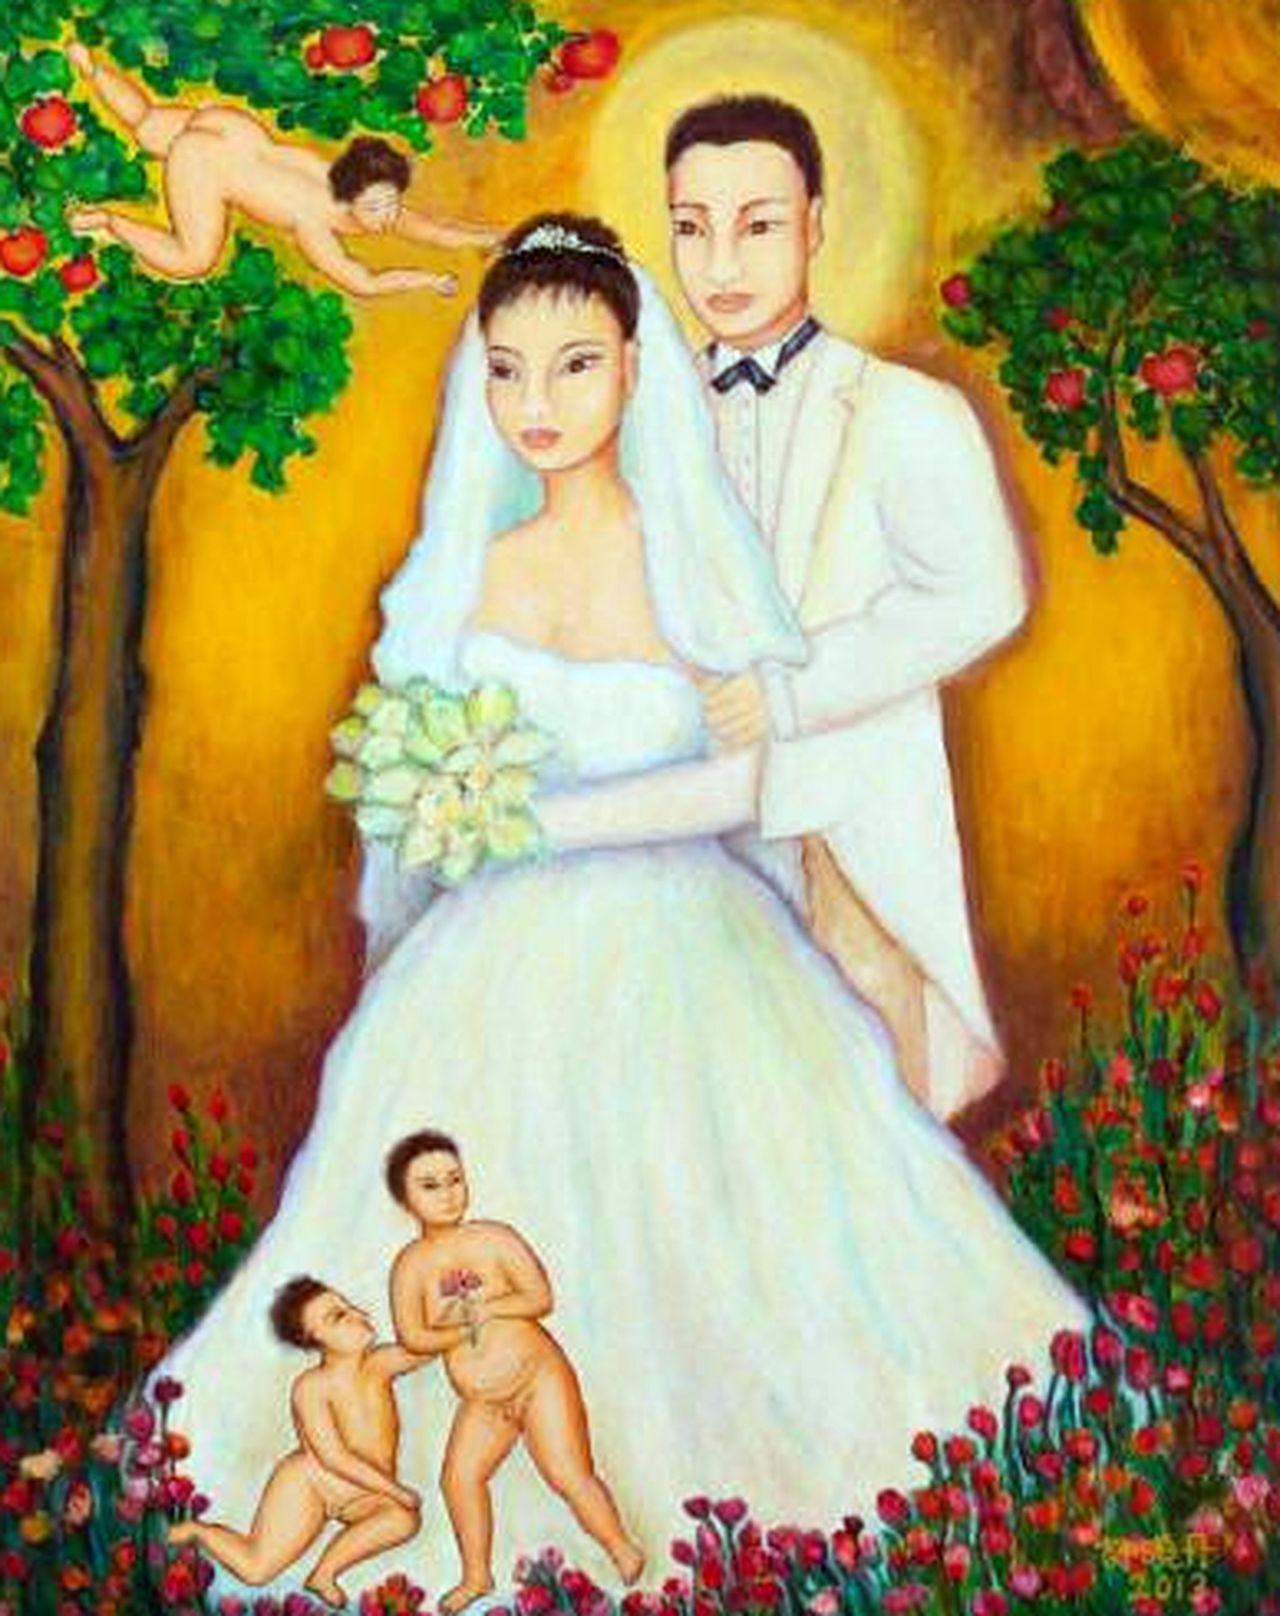 許曉丹與第二任丈夫結婚16年,婚後從爭議轉趨低調,一生情史豐富的她說,謝醫師是懂...